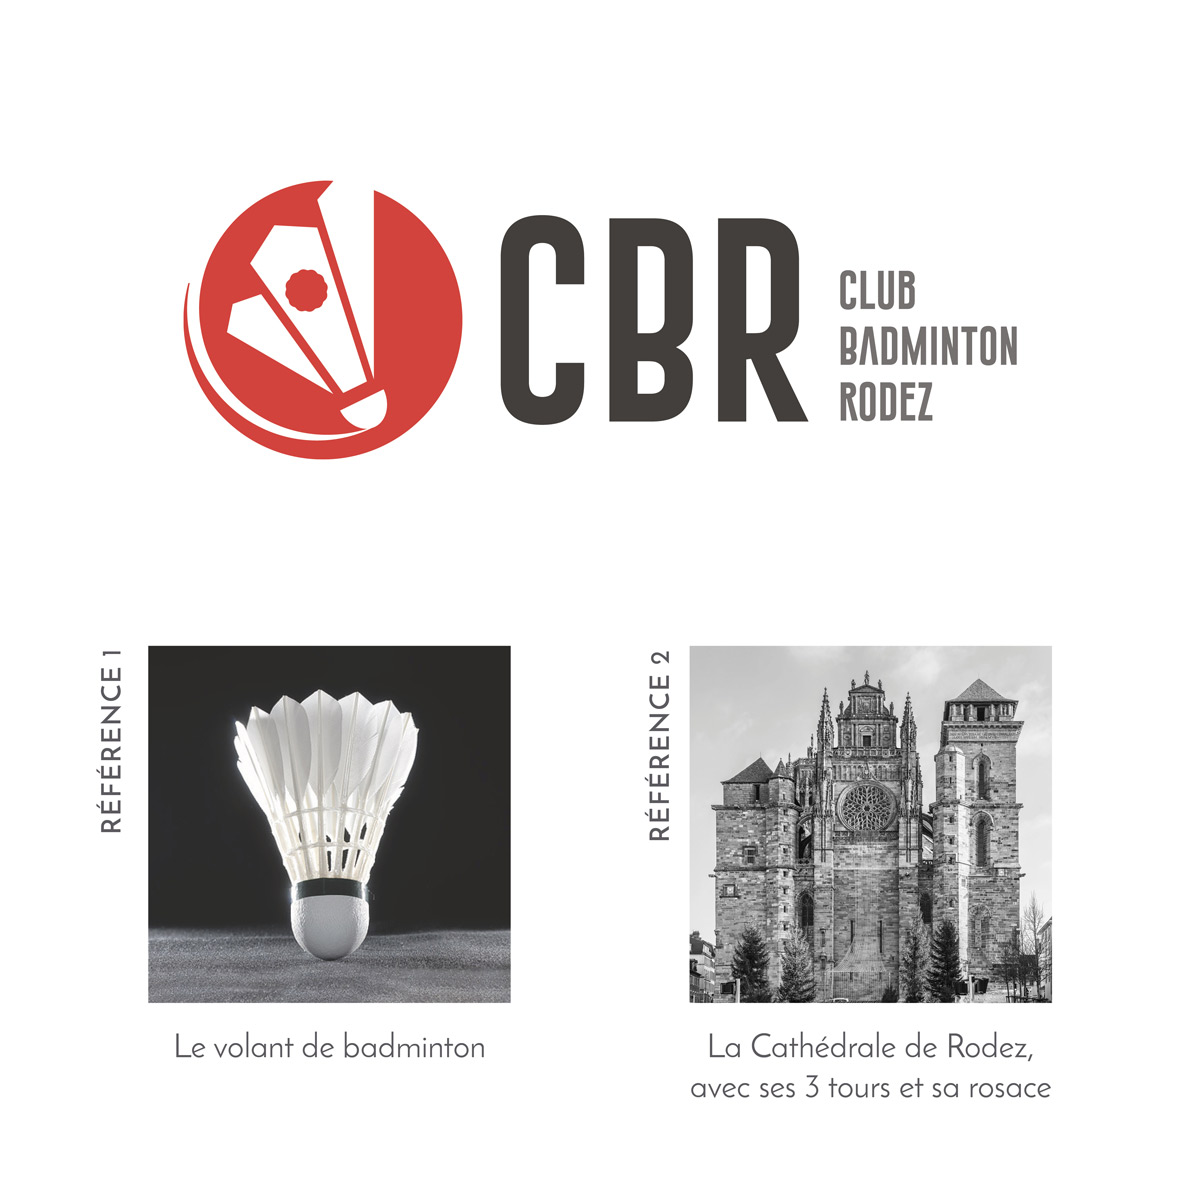 Un logo moderne et dynamique, faisant référence à la fois au badminton et à la ville de Rodez